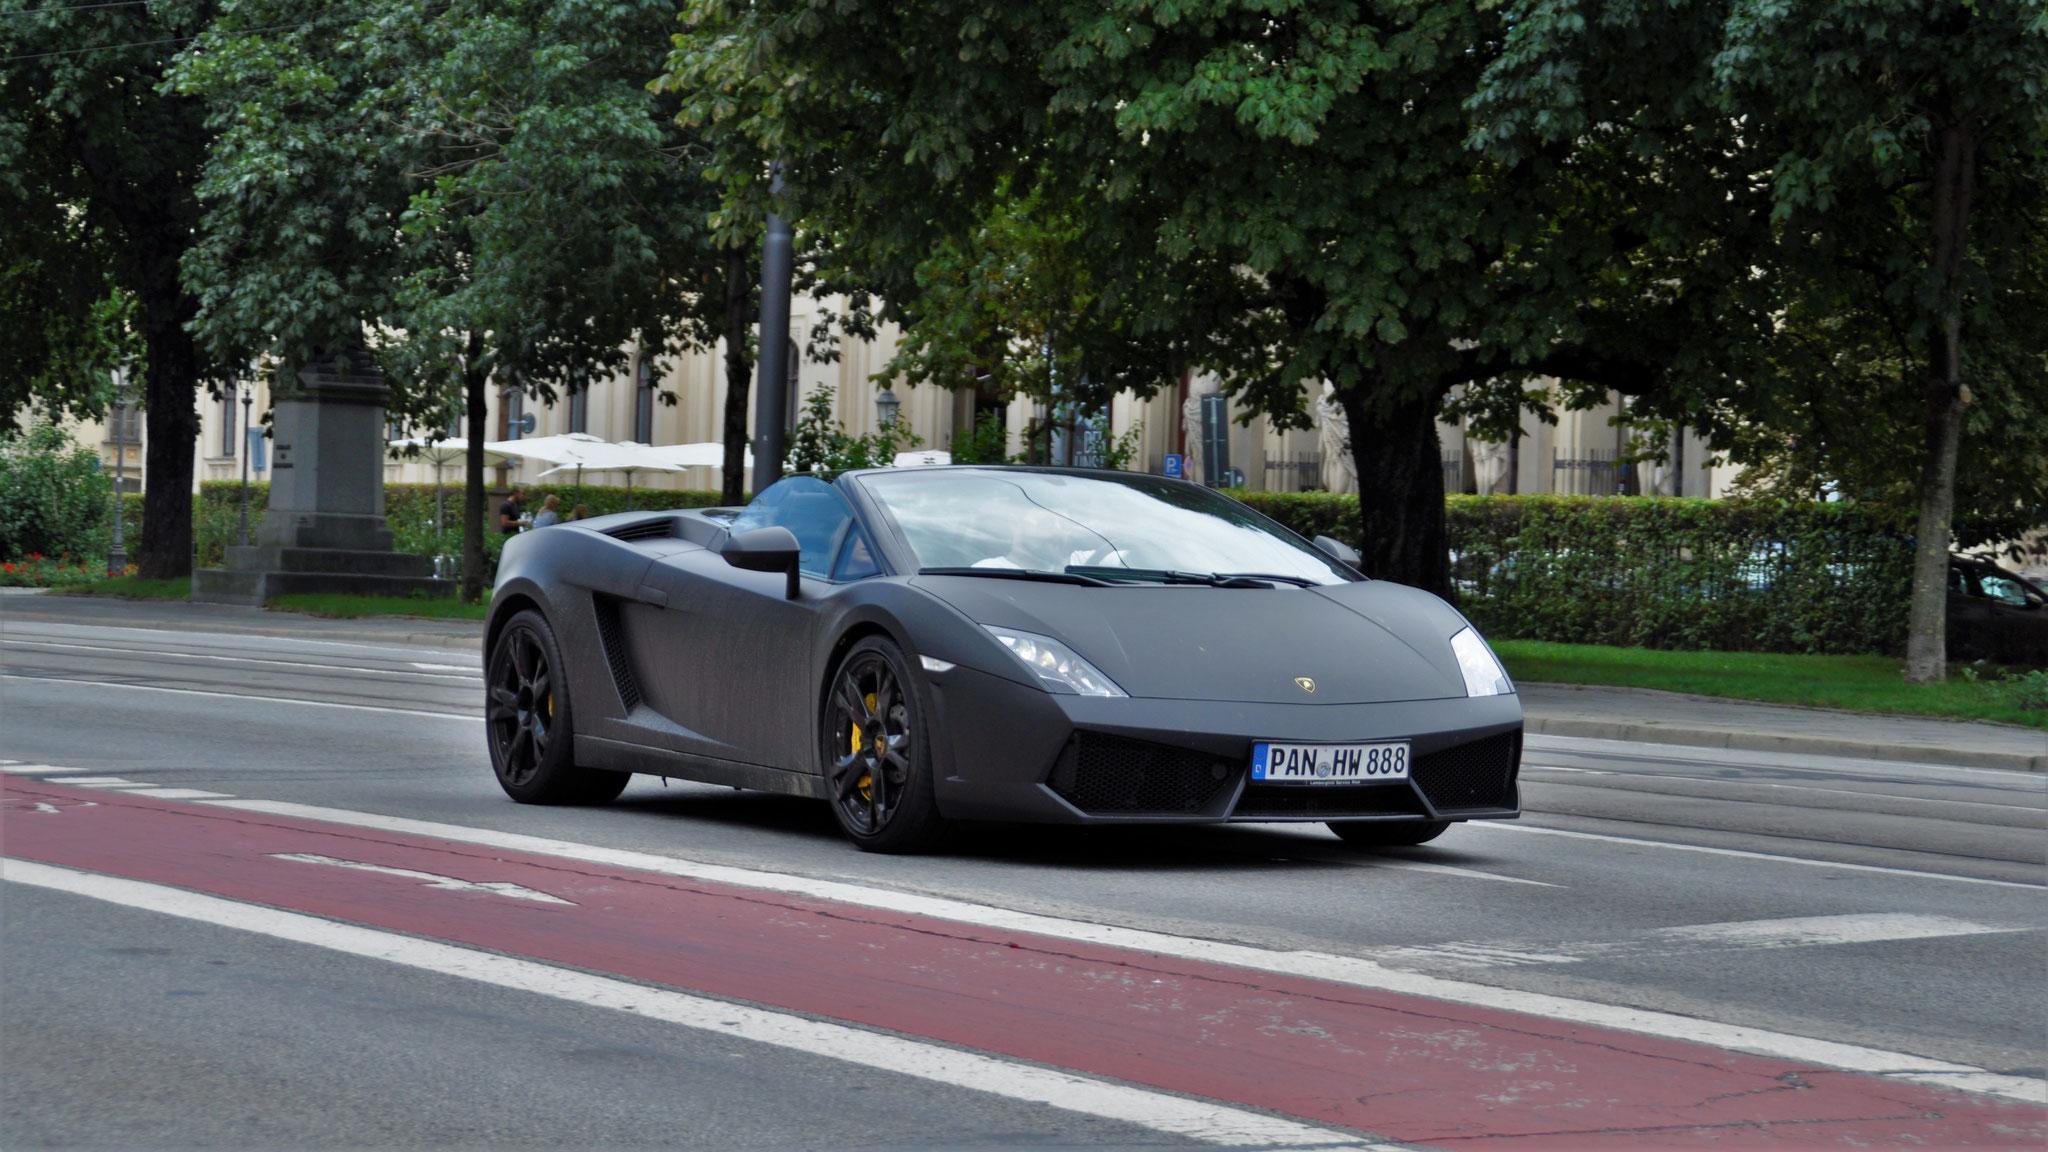 Lamborghini Gallardo LP 550 Spyder - PAN-HW-888